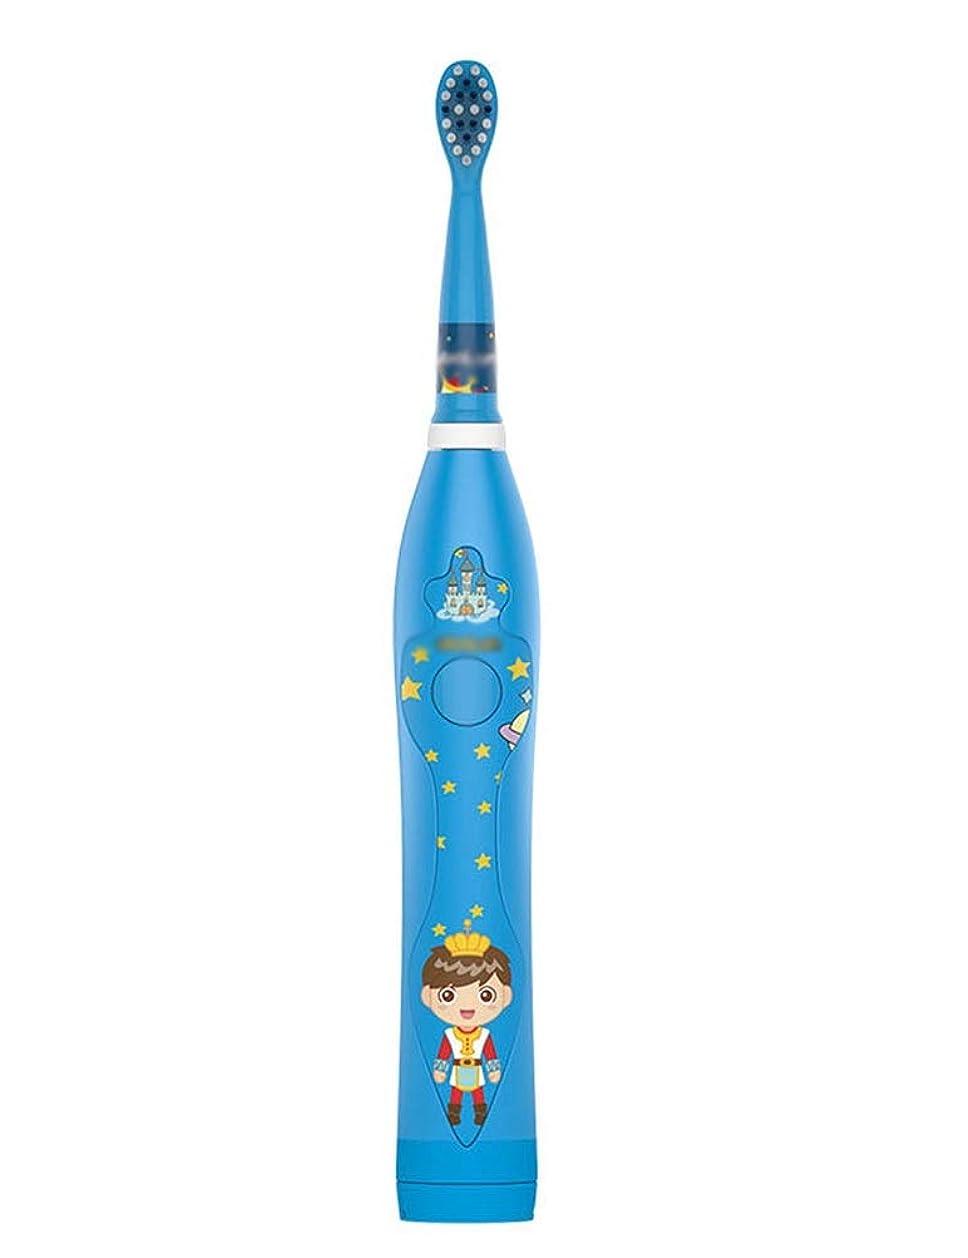 住人次民主主義超音波電動歯ブラシ、3スピード調整インテリジェントUSB充電、IPX7防水機能、輸入デュポンソフトブラシ (Color : Blue)